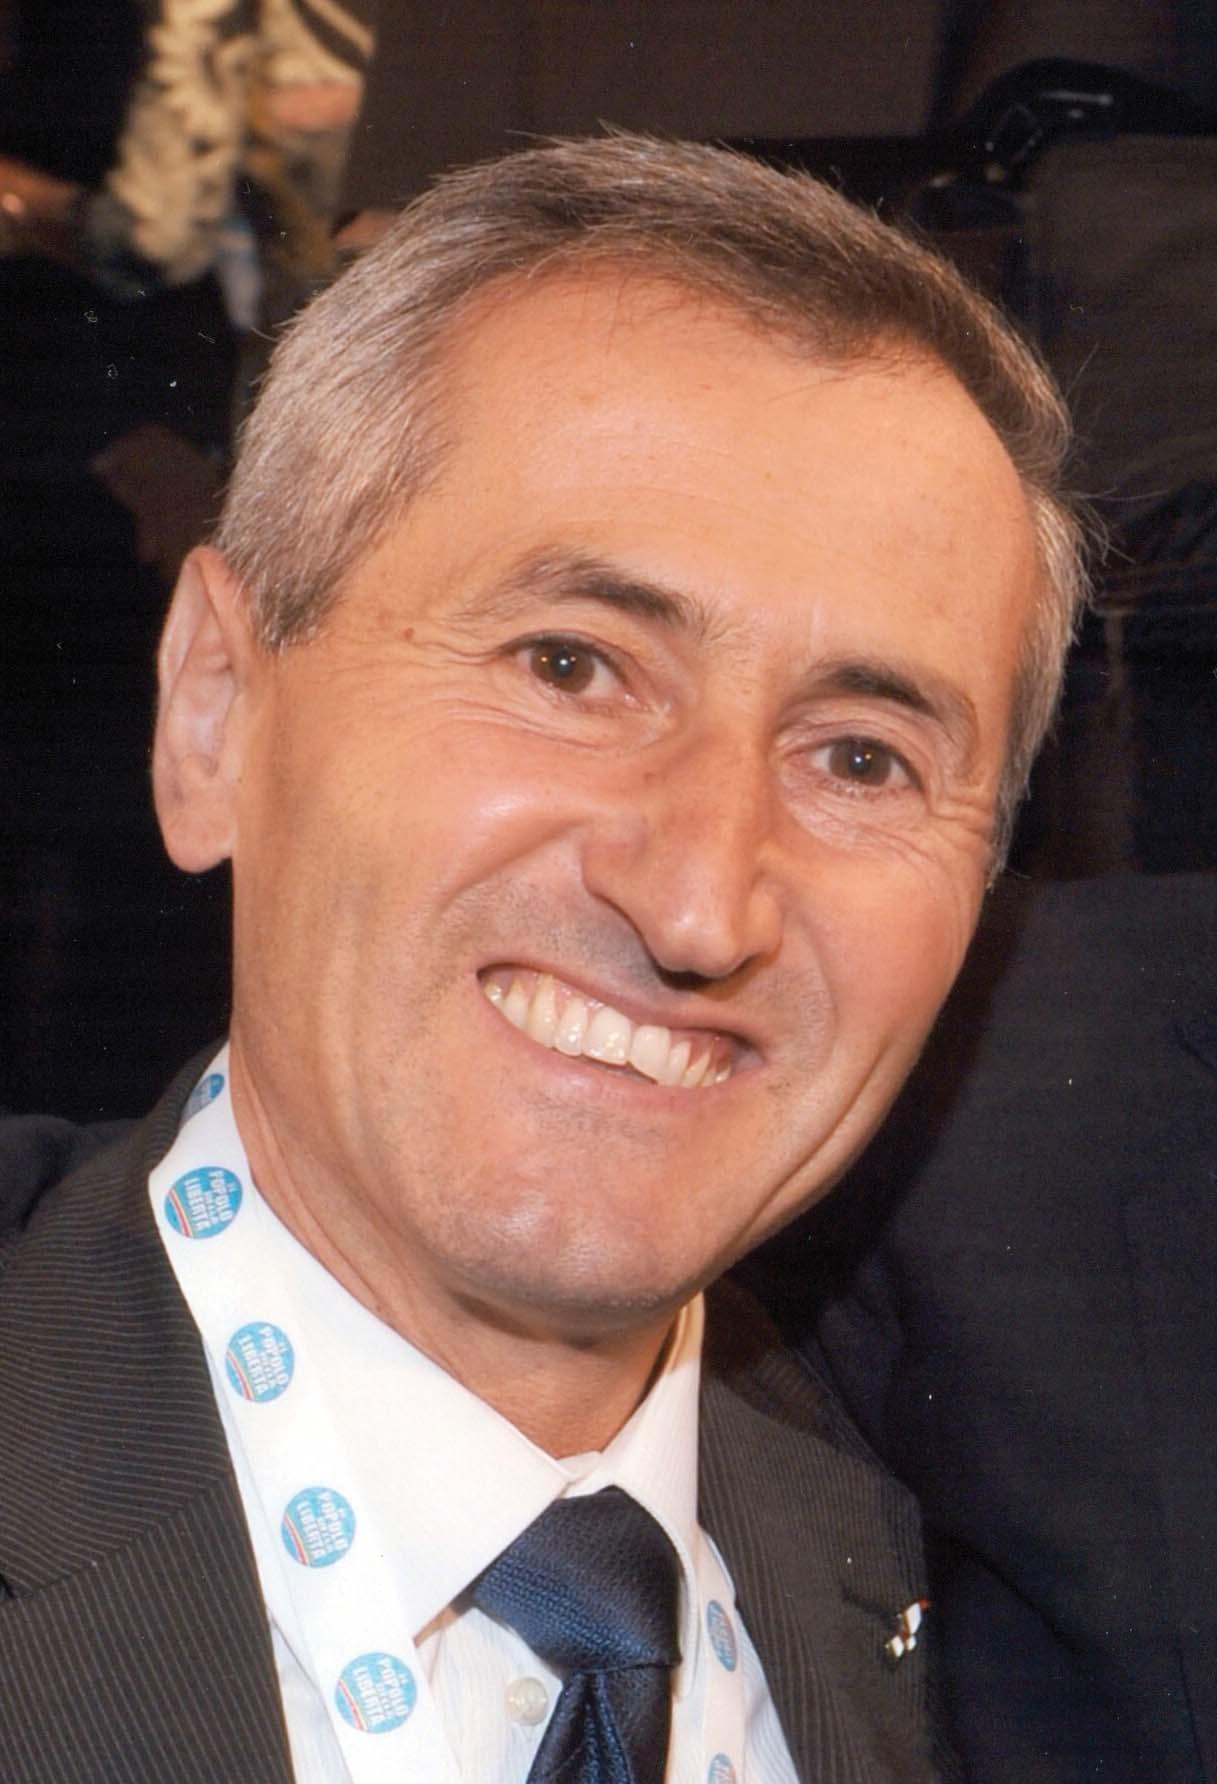 Fabio Filippi FI emilia romagna 1